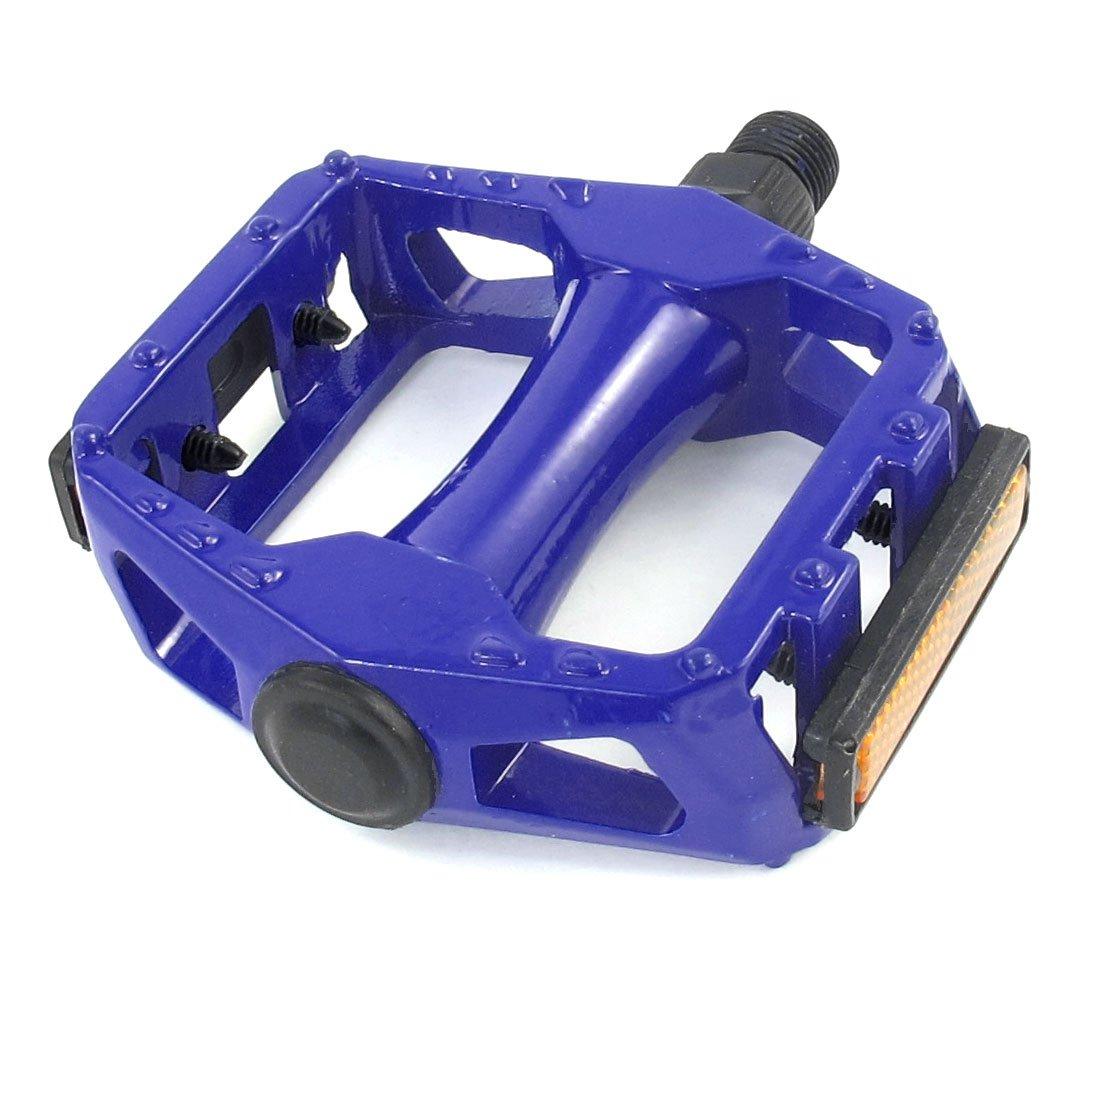 sourcing map 14mm Rosca Pedal de Recambio para Bicicleta Azul Real Metálico con Reflector Naranja a13062600ux0506